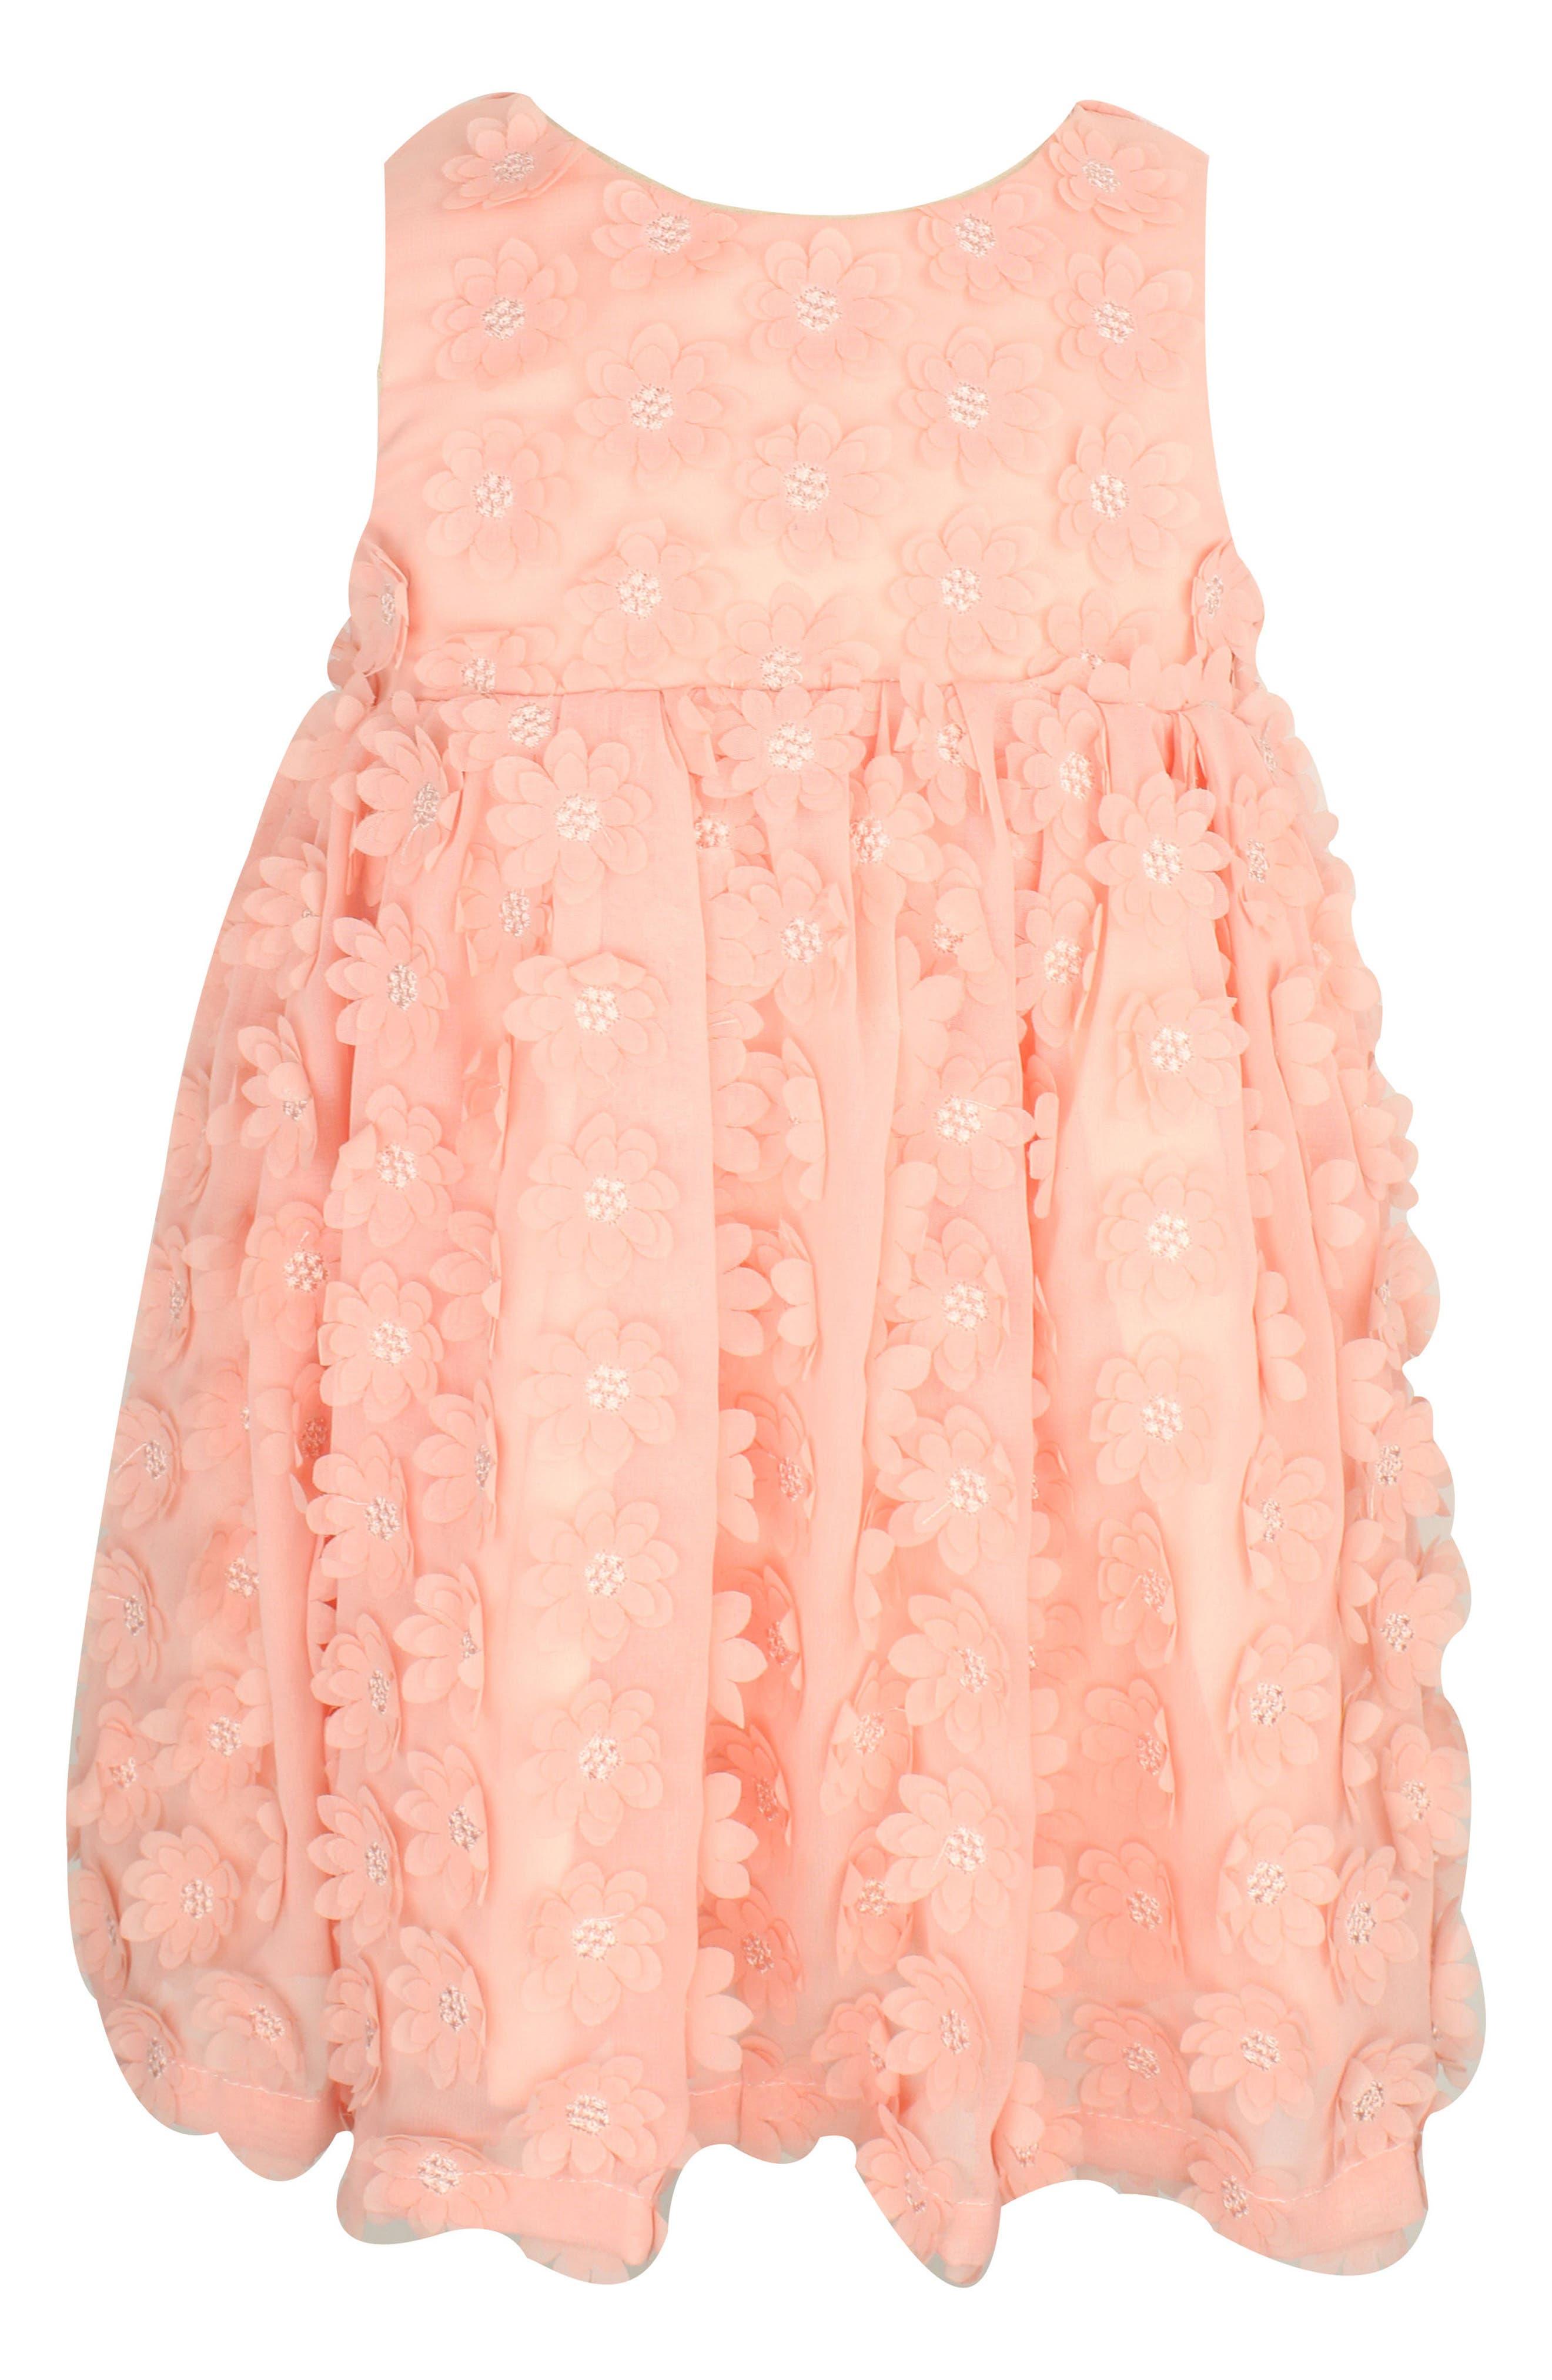 Flower Appliqué Dress,                             Main thumbnail 1, color,                             Peach